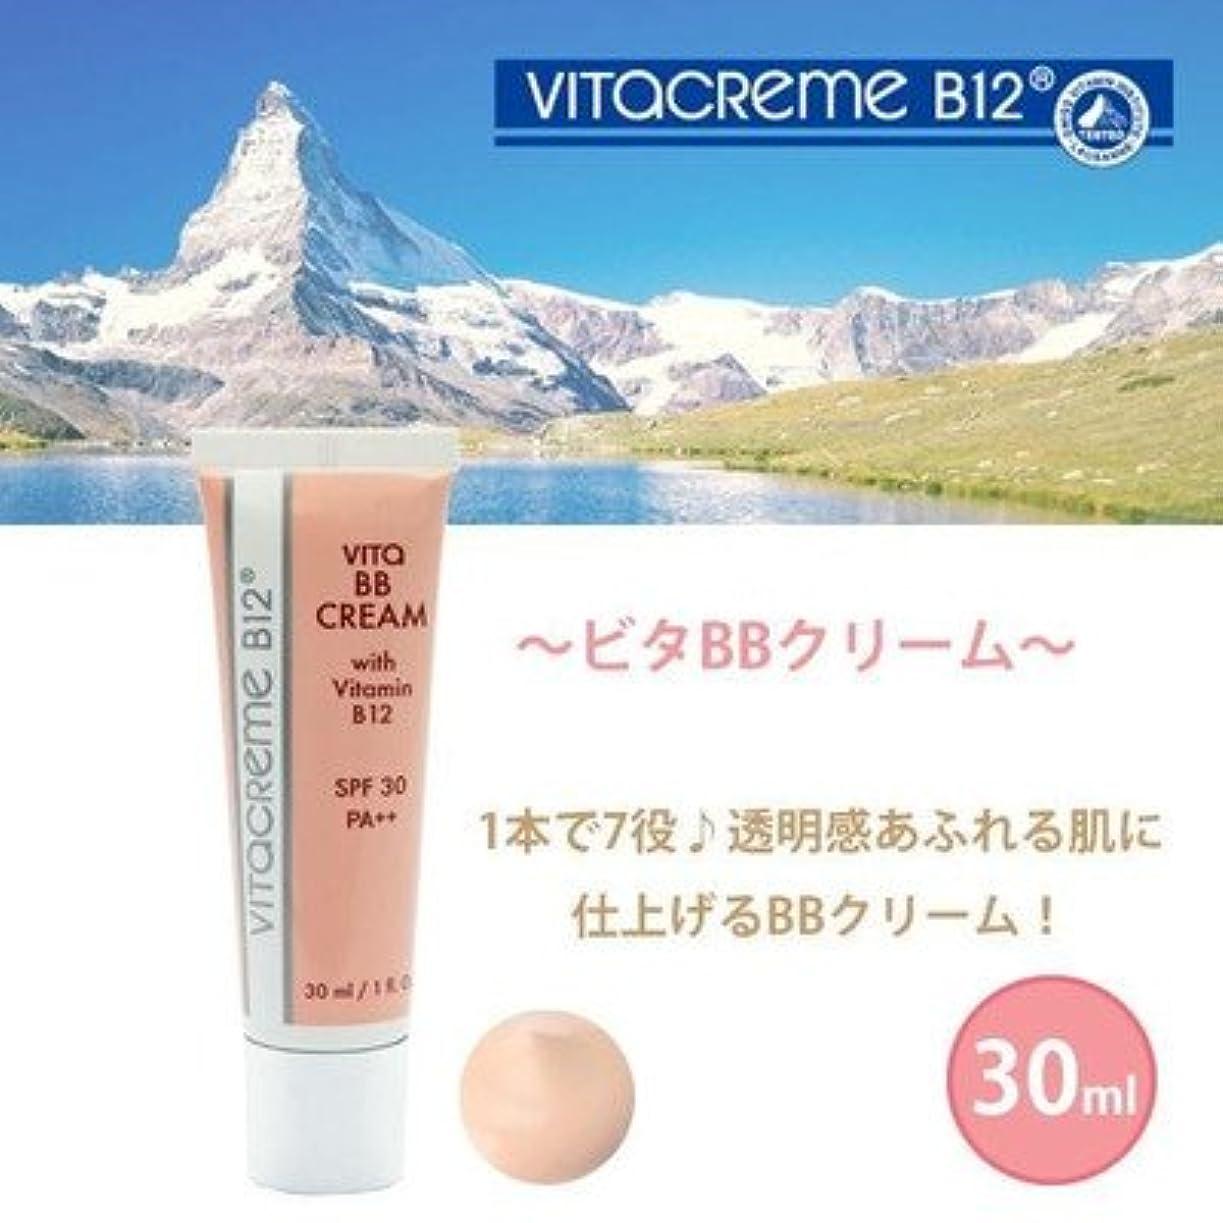 アンタゴニストほこりデコレーションビタBBクリーム 30ml 正規品 VTB238